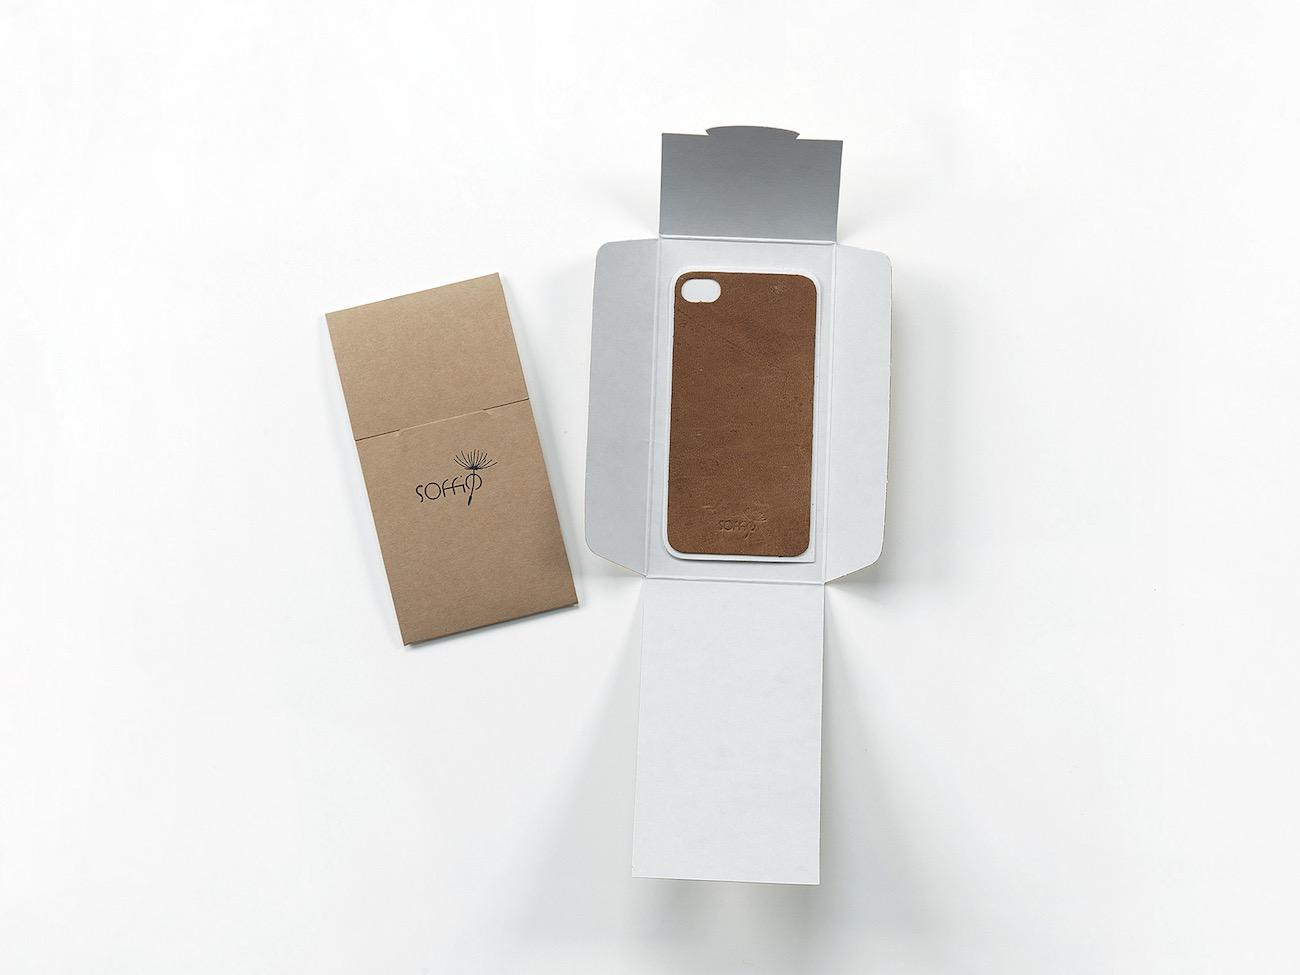 iphone-skin-4